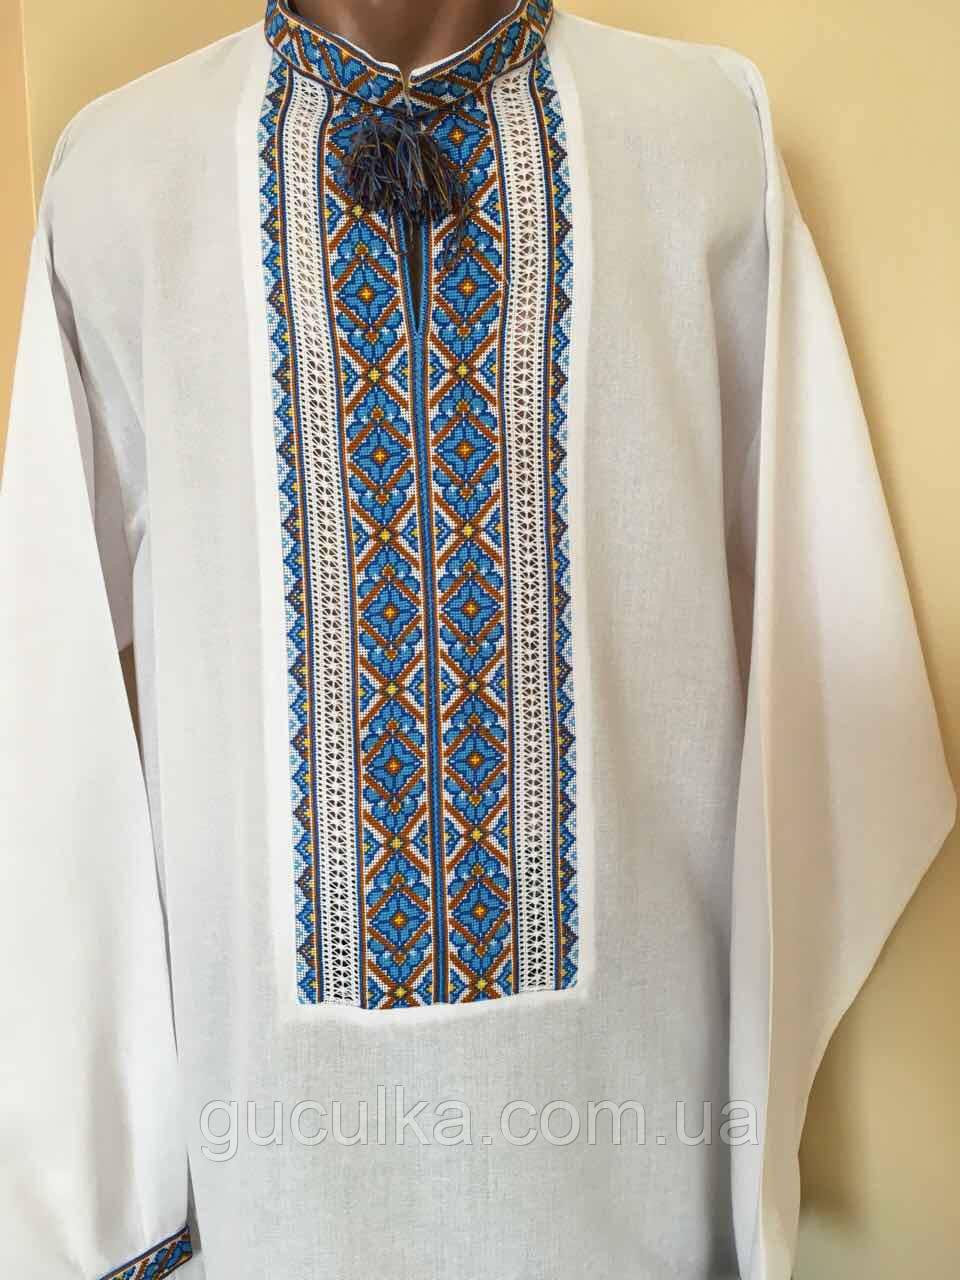 Біла вишита сорочка чоловіча 58 розмір  продажа edb9ea0aa688f